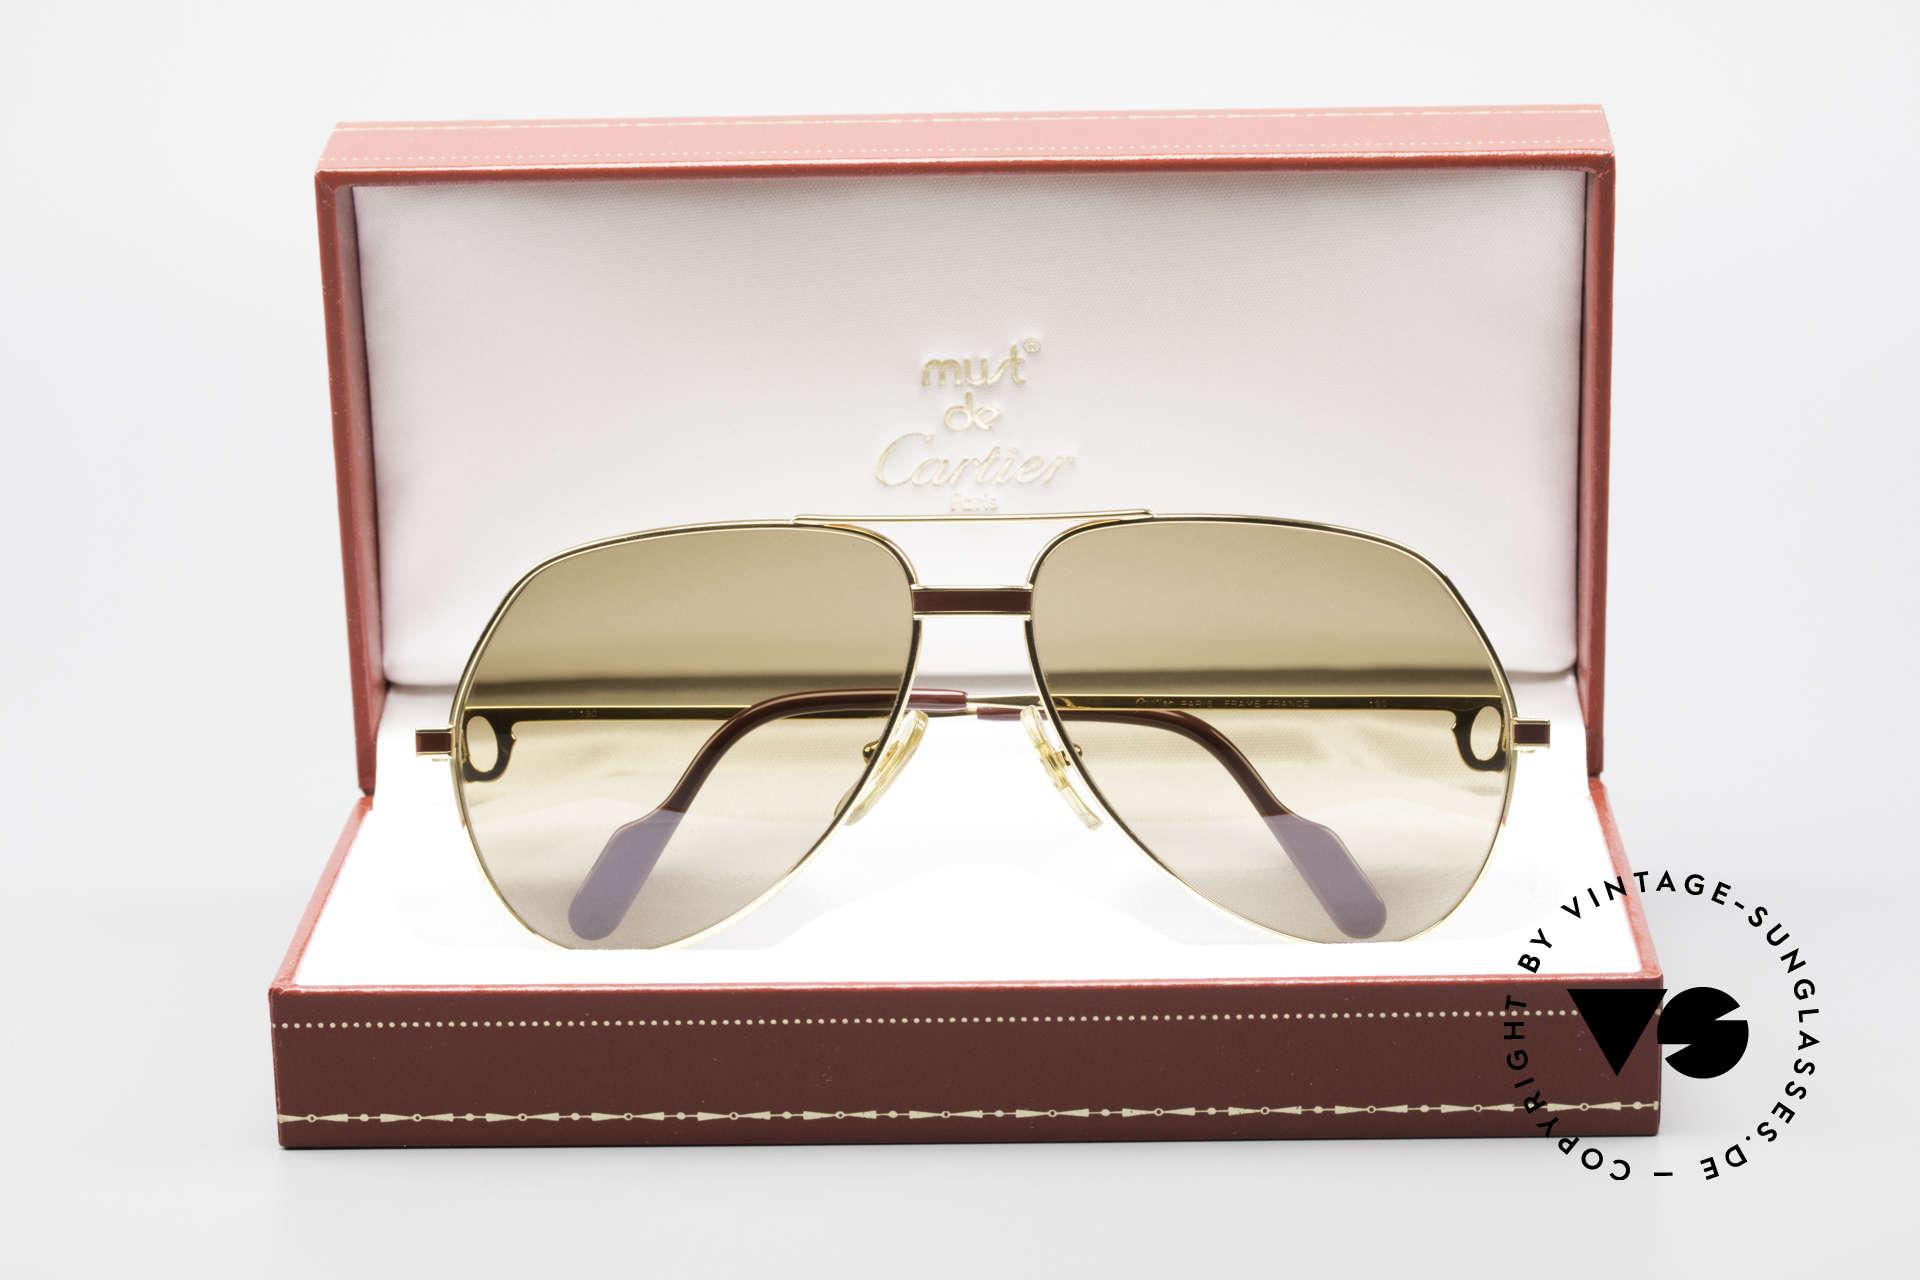 Cartier Vendome Laque - L Mystic Cartier Mineral Lenses, NO RETRO shades, but a rare old CARTIER ORIGINAL!, Made for Men